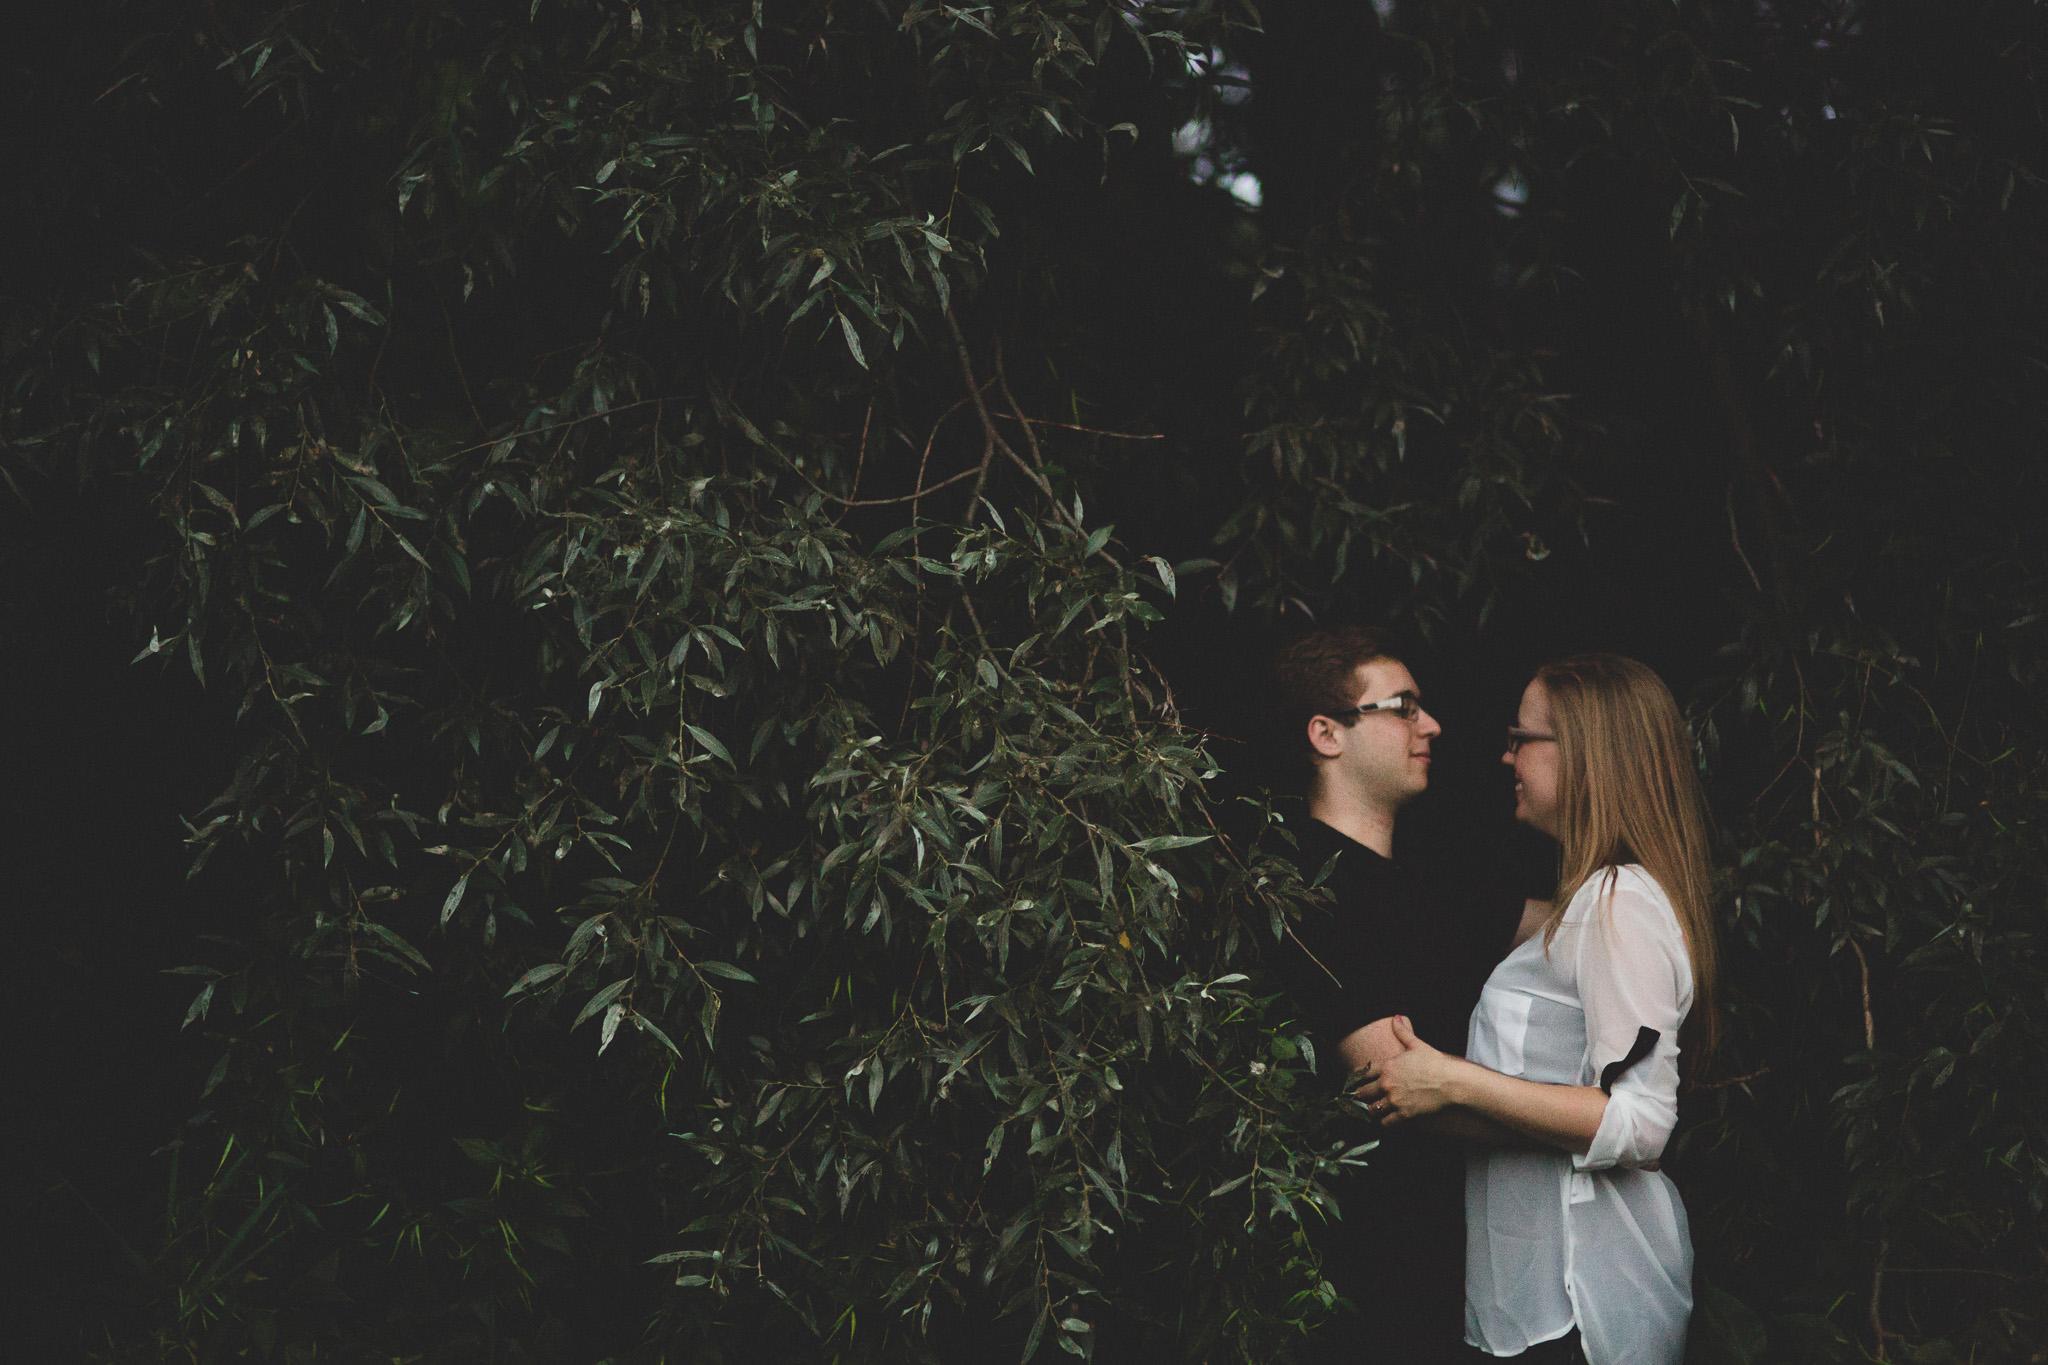 Nature inspired Ottawa wedding photographer